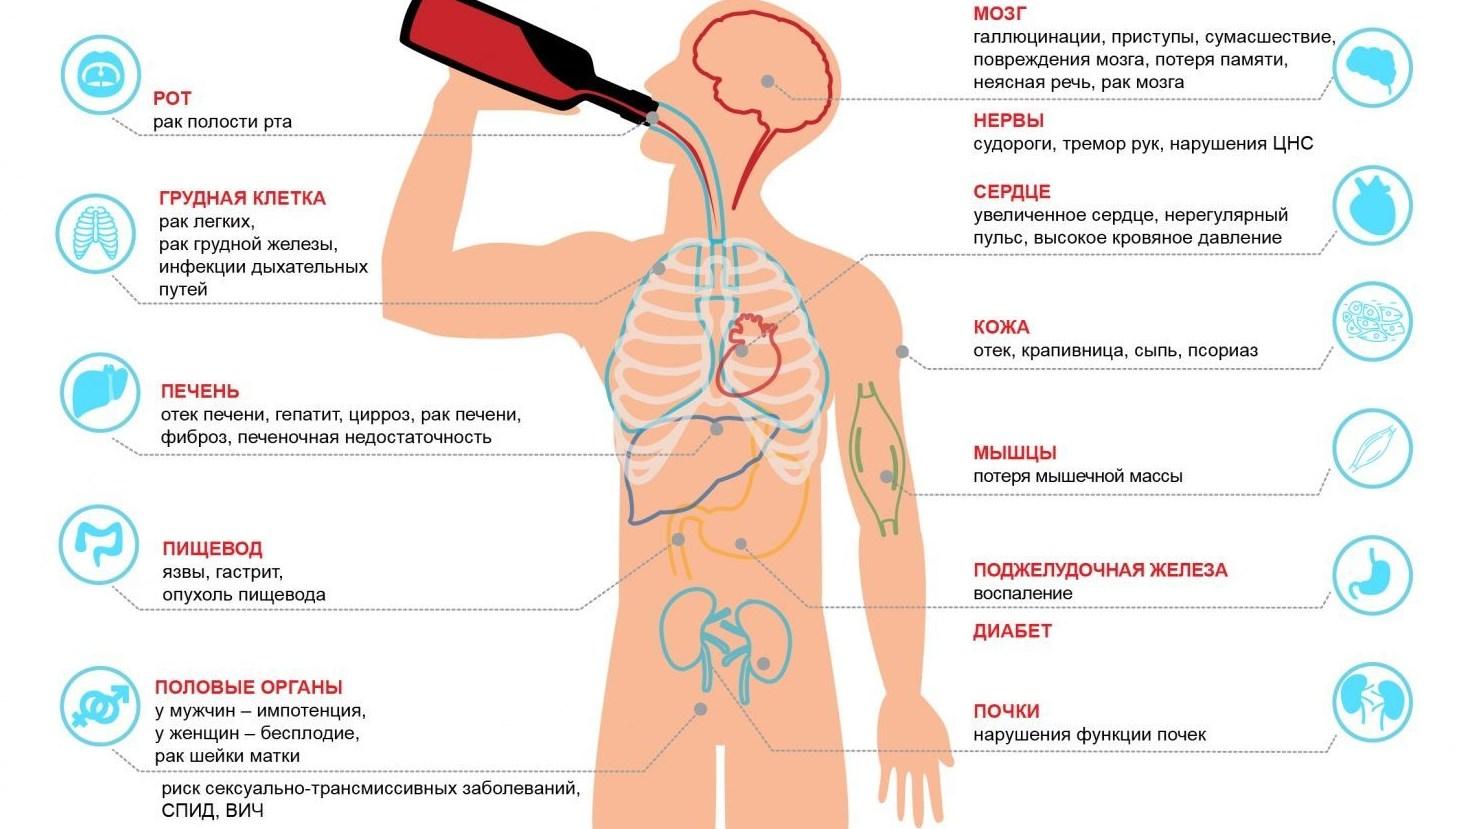 Алкоголь вред